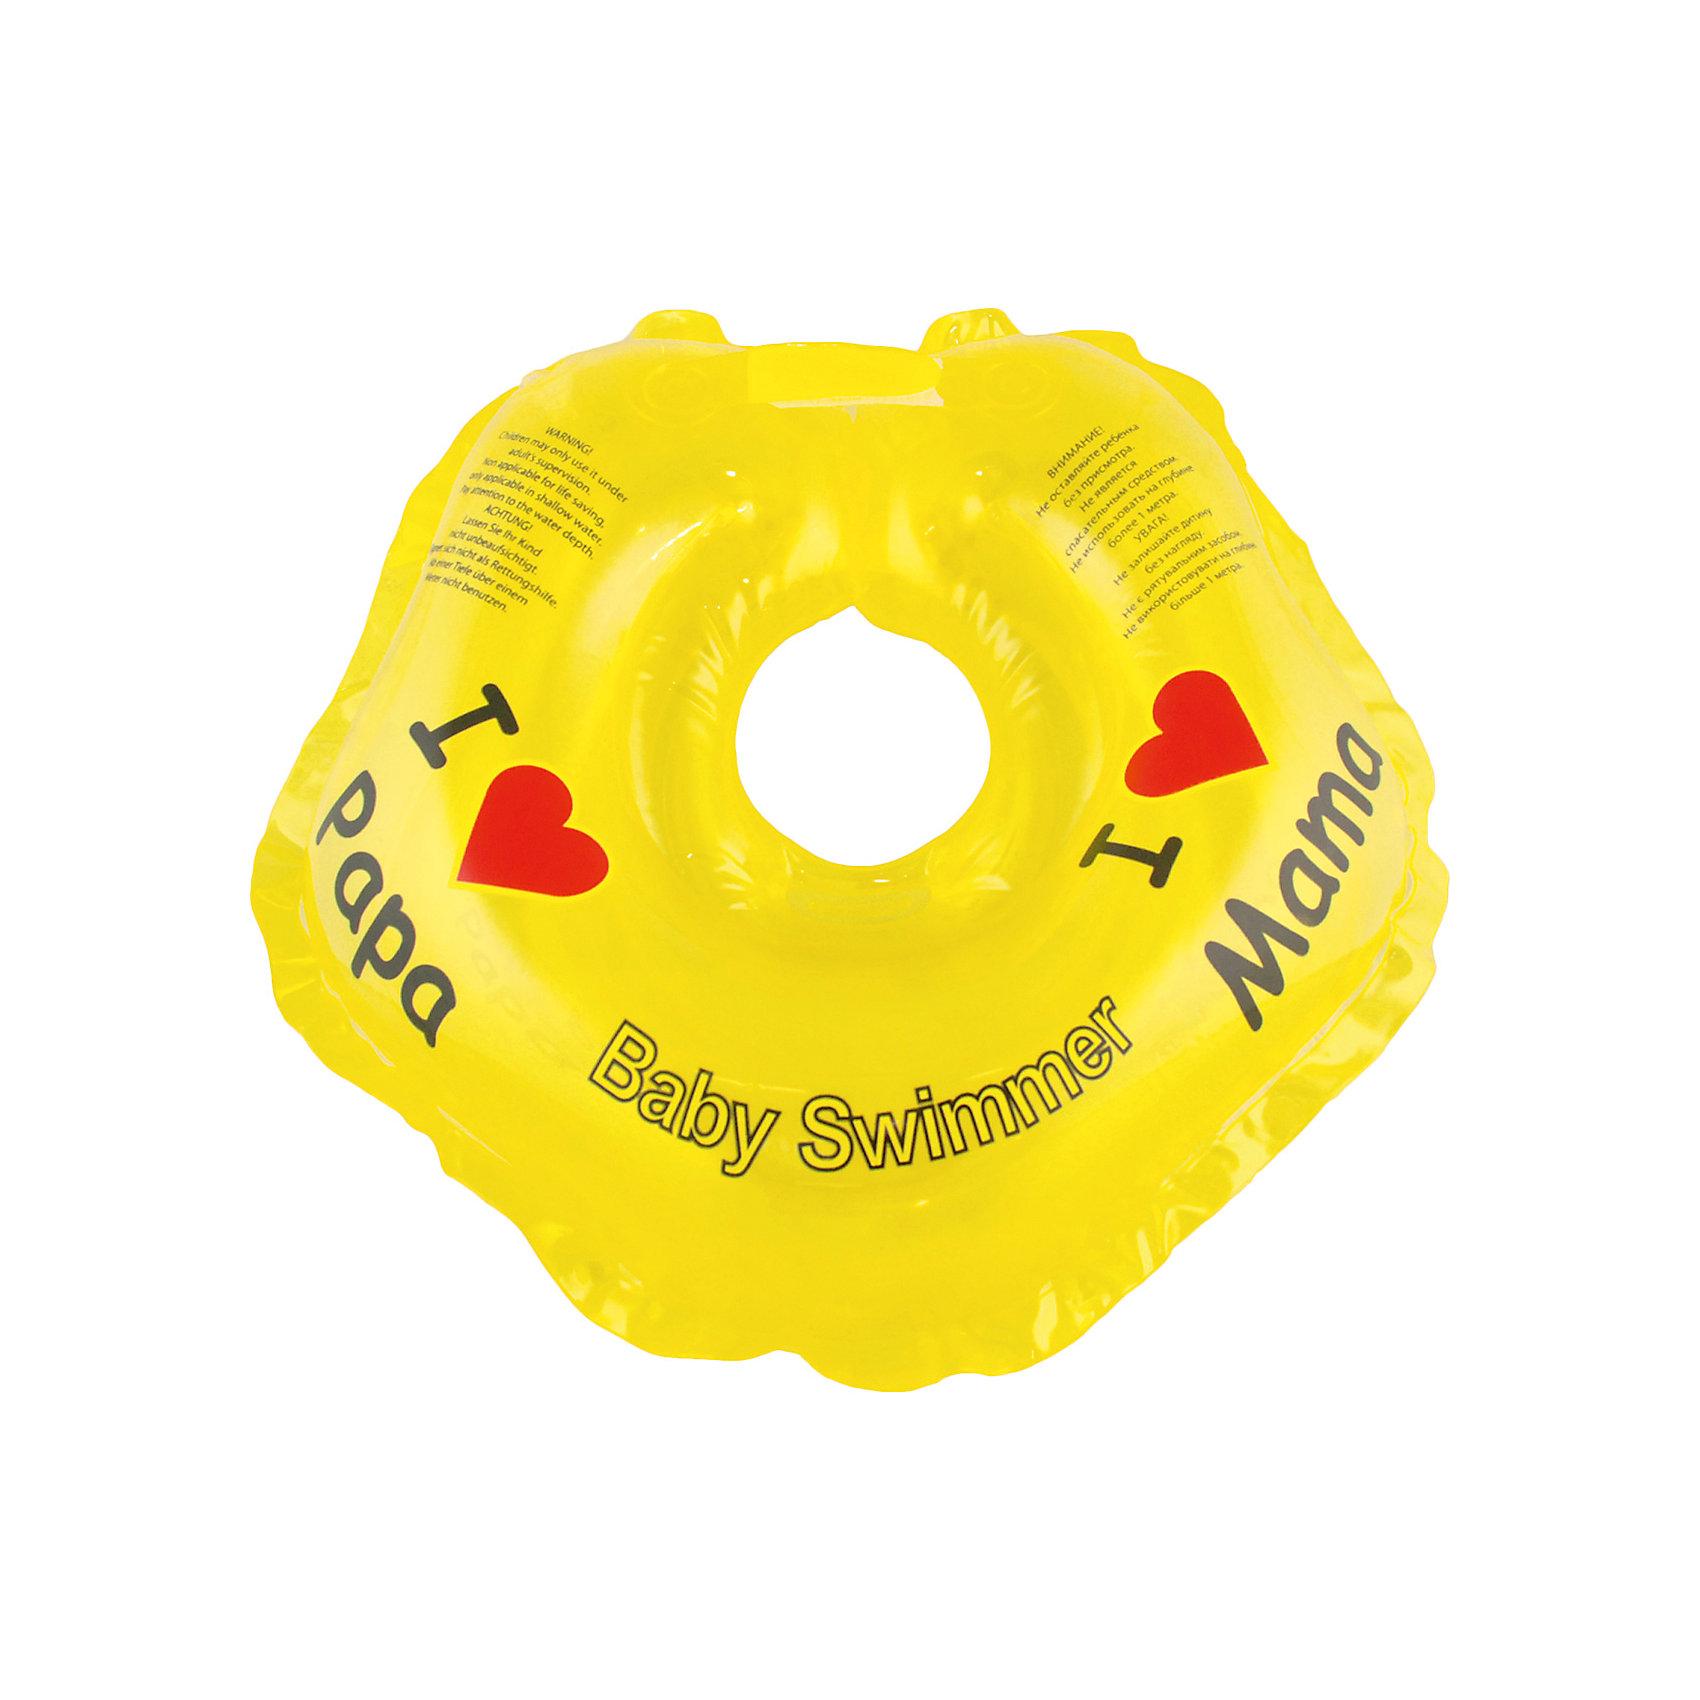 Круг для купания BabySwimmer, желтыйКруги для купания малыша<br>Купание младенца - ответственное и важное занятие. Круг для купания Baby Swimmer  обеспечит безопасность процесса, избавит малыша от страха воды и сделает водные процедуры веселой игрой. У круга есть устройство, поддерживающее подбородок, что позволит избежать проглатывание воды малышом. У круга яркие цвета, необычный дизайн и веселые картинки по бокам, которые понравится всем детям. Все материалы, использованные при разработке и изготовлении круга для купания безопасны для использования, отвечают всем требованиям экологичности и качества детских товаров, а так же гипоаллергенны.<br><br>Дополнительная информация:<br><br>модель: Baby Swimmer;<br>цвет: желтый.<br><br>Круг для купания Baby Swimmer можно приобрести в нашем магазине.<br><br>Ширина мм: 150<br>Глубина мм: 40<br>Высота мм: 150<br>Вес г: 140<br>Возраст от месяцев: 0<br>Возраст до месяцев: 24<br>Пол: Унисекс<br>Возраст: Детский<br>SKU: 4968093